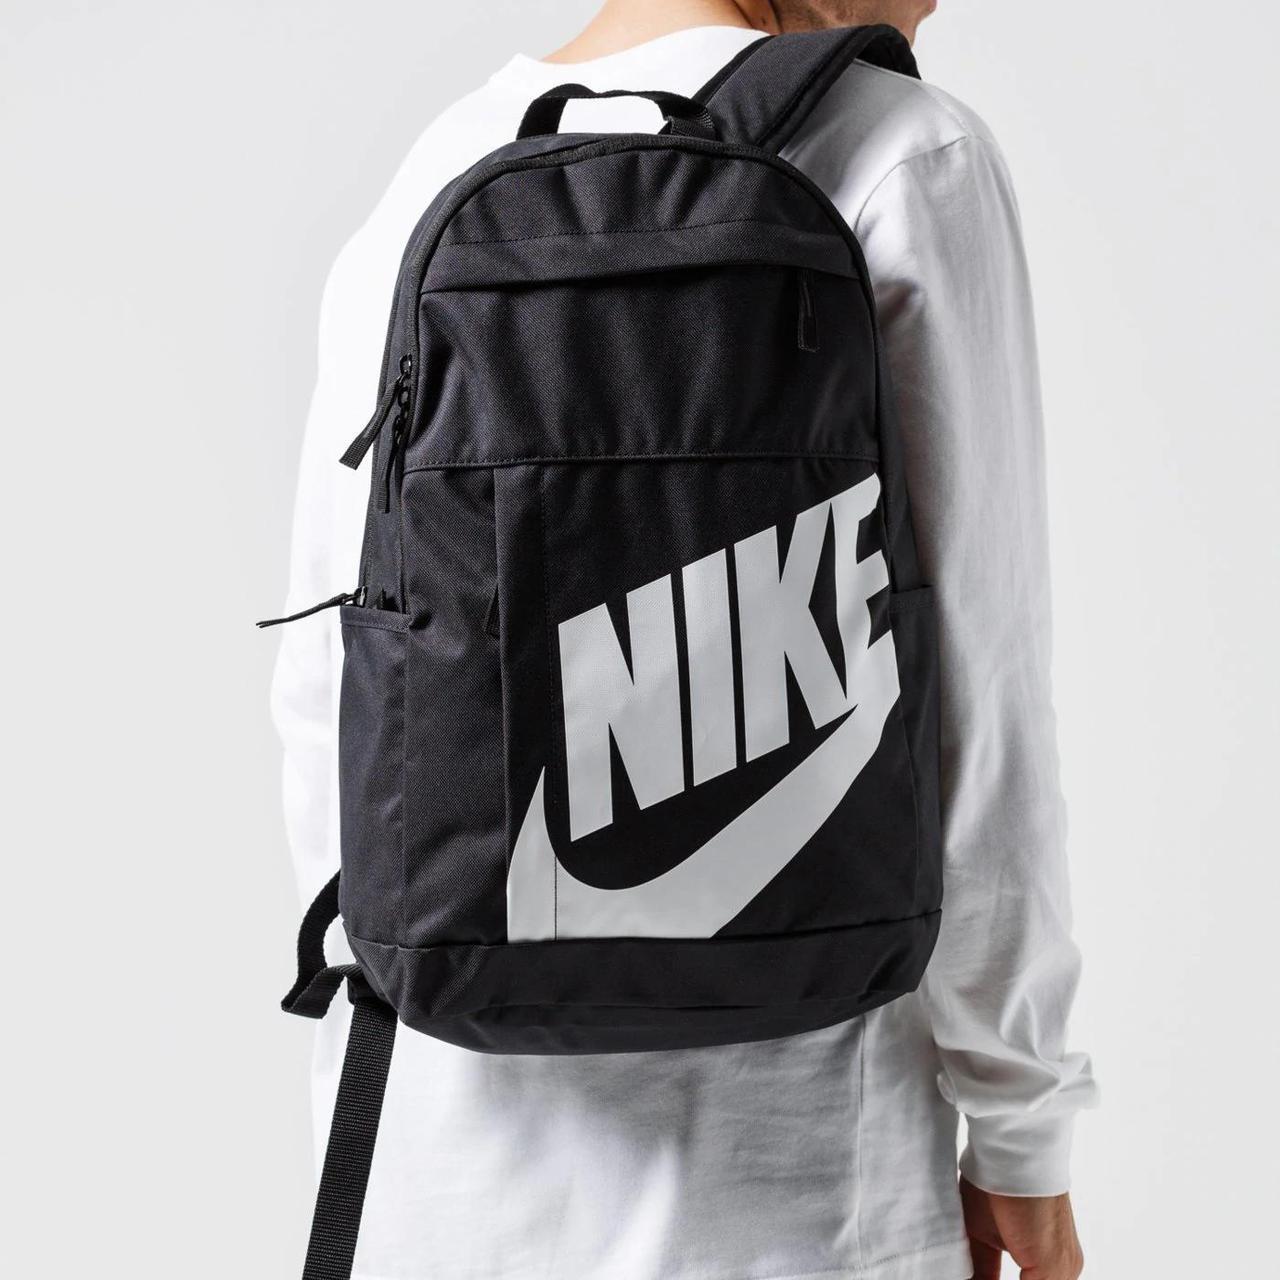 espiritual Desarrollar Identidad  Оригинальный рюкзак Nike Elemental Backpack 2.0 BA5876-082: продажа, цена в  Киеве. рюкзаки городские и спортивные от